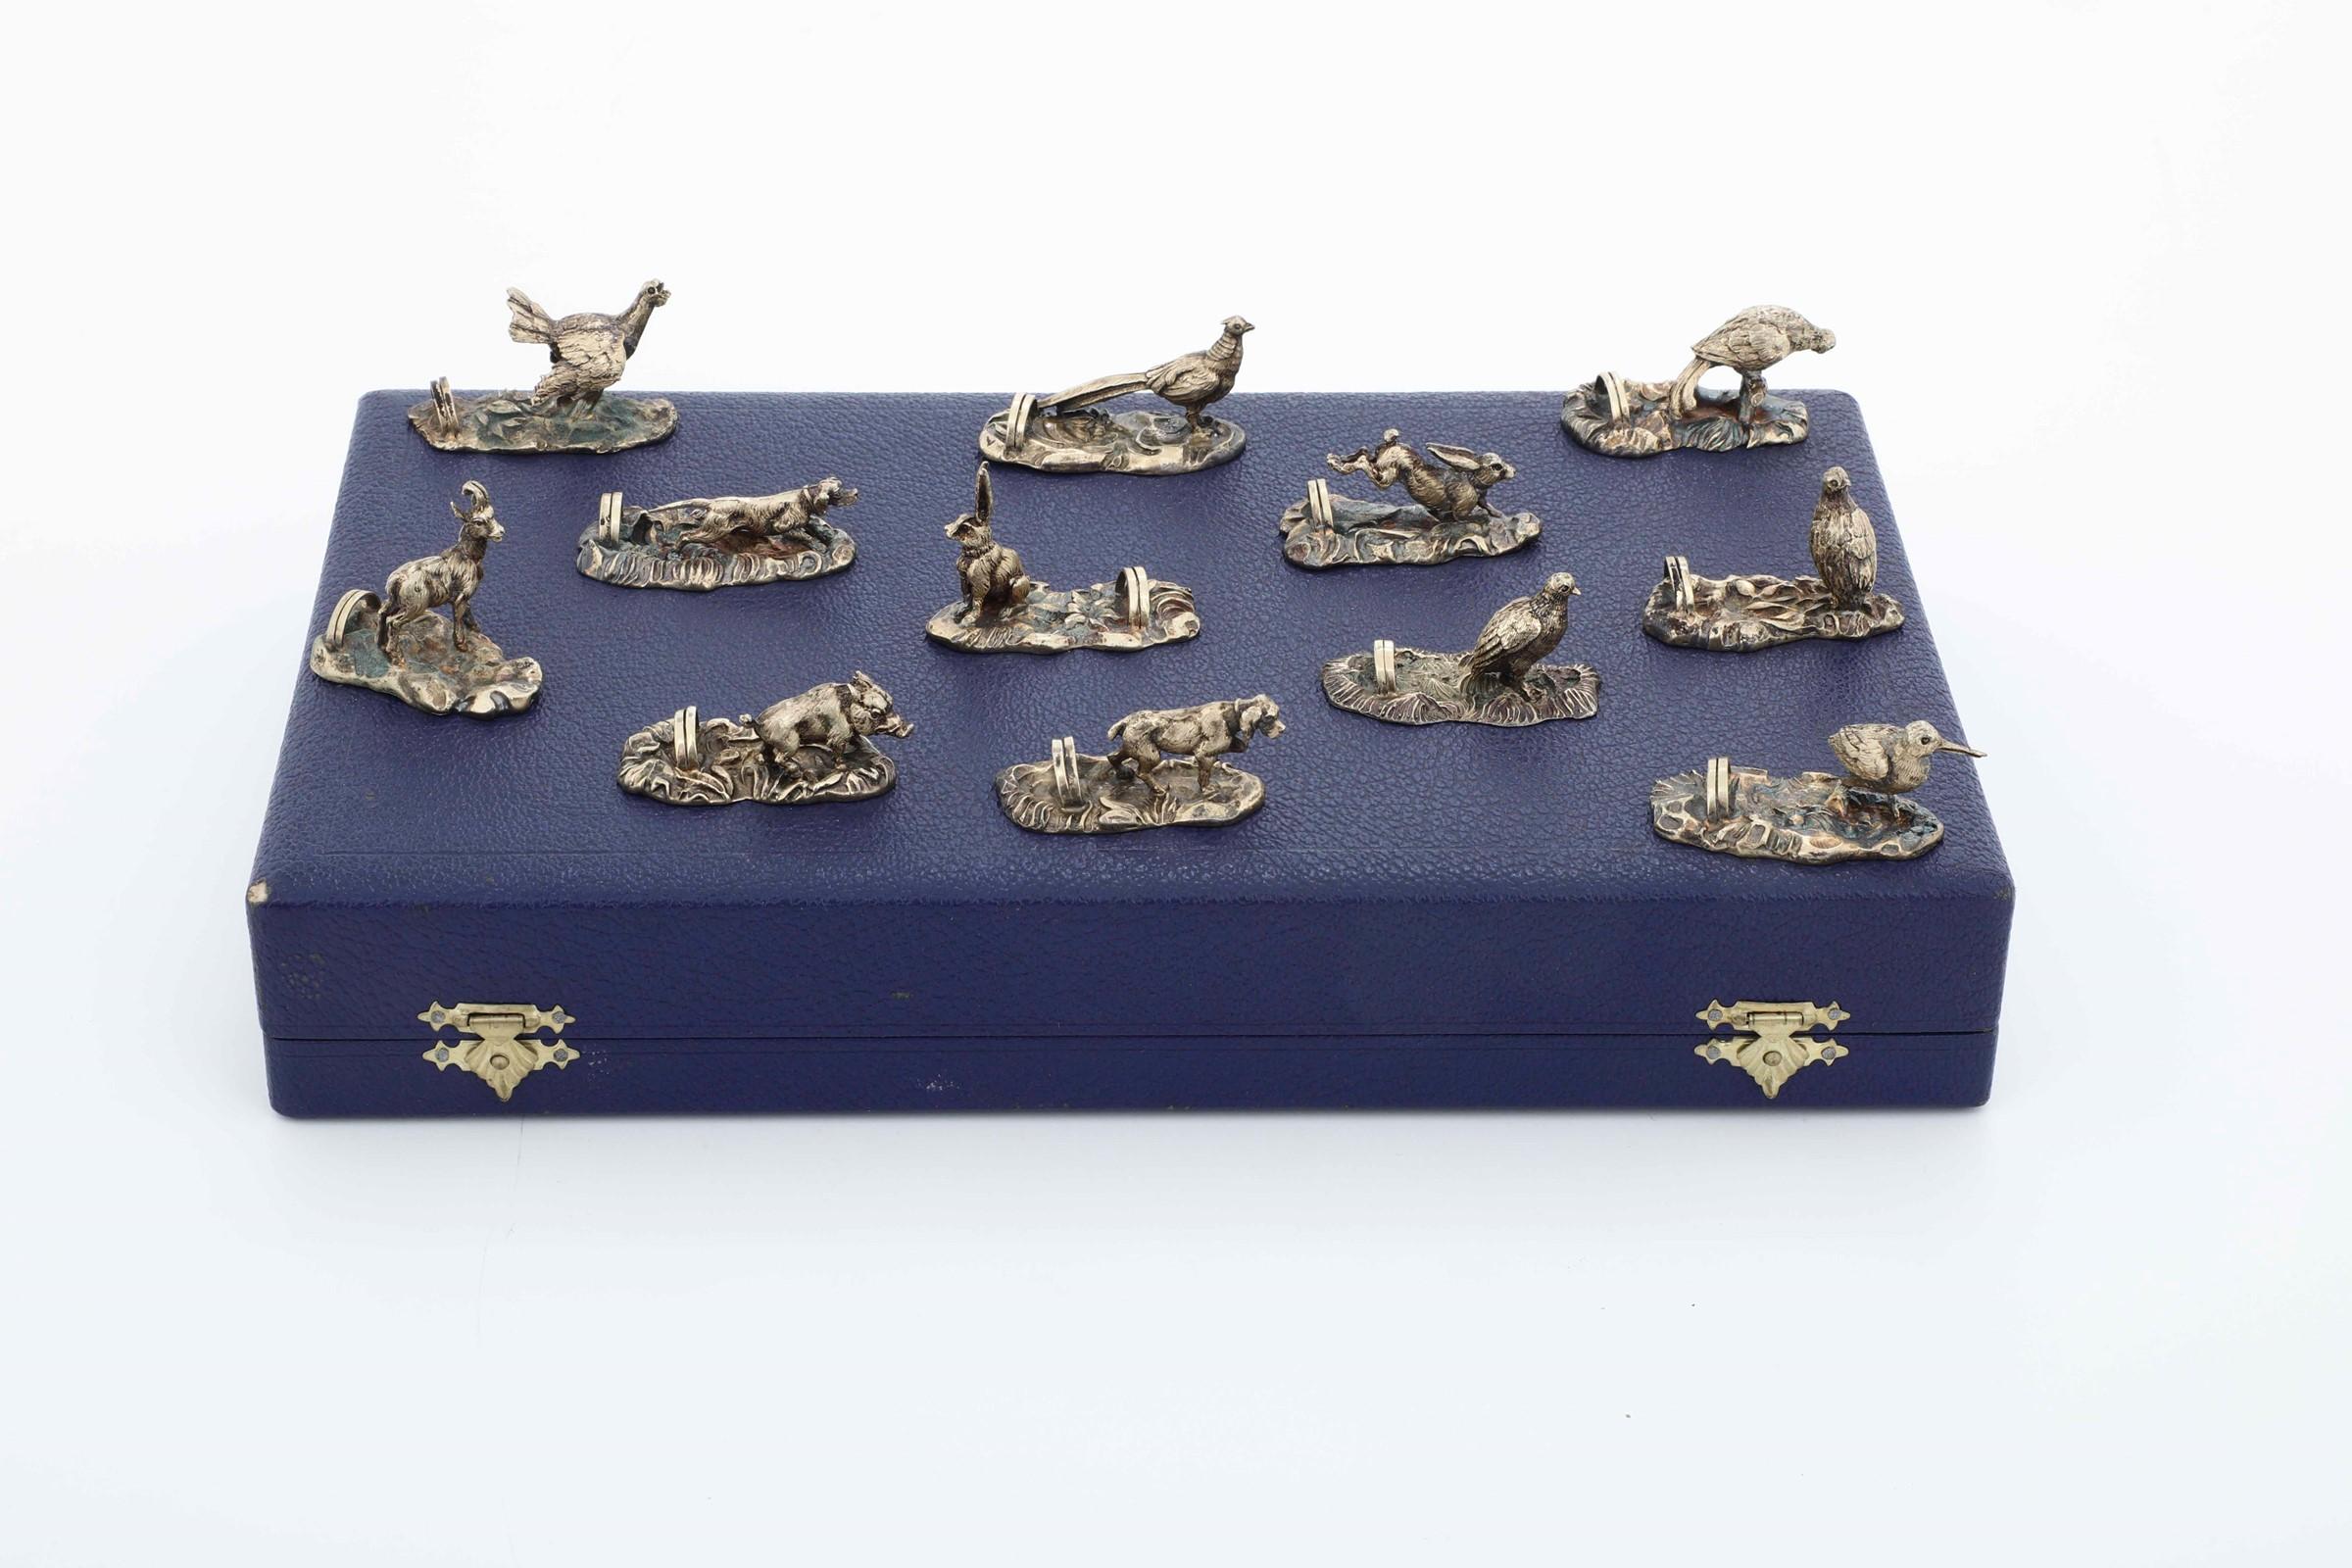 Set di 12 segnaposto in argento modello animalier. Argenteria italiana del XX secolo. [...] - Image 3 of 5